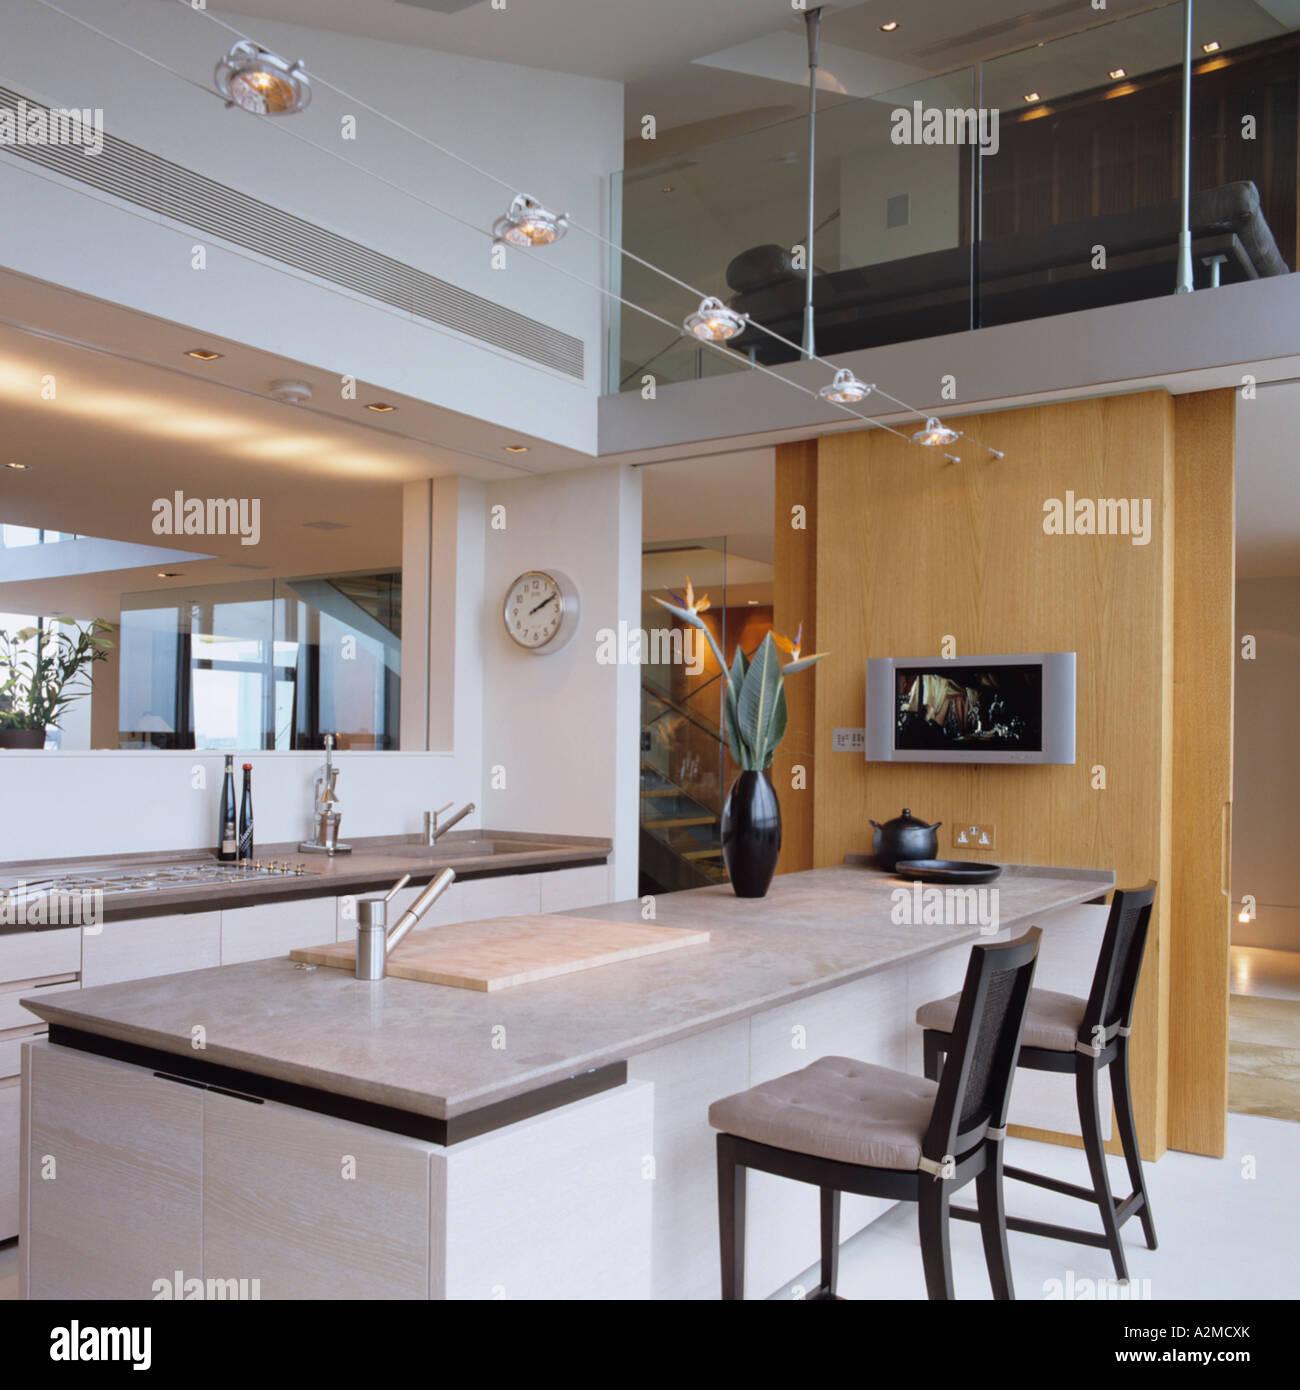 Kucheninsel Mit Marmor Arbeitsplatte In Thames Penthouse Wohnung